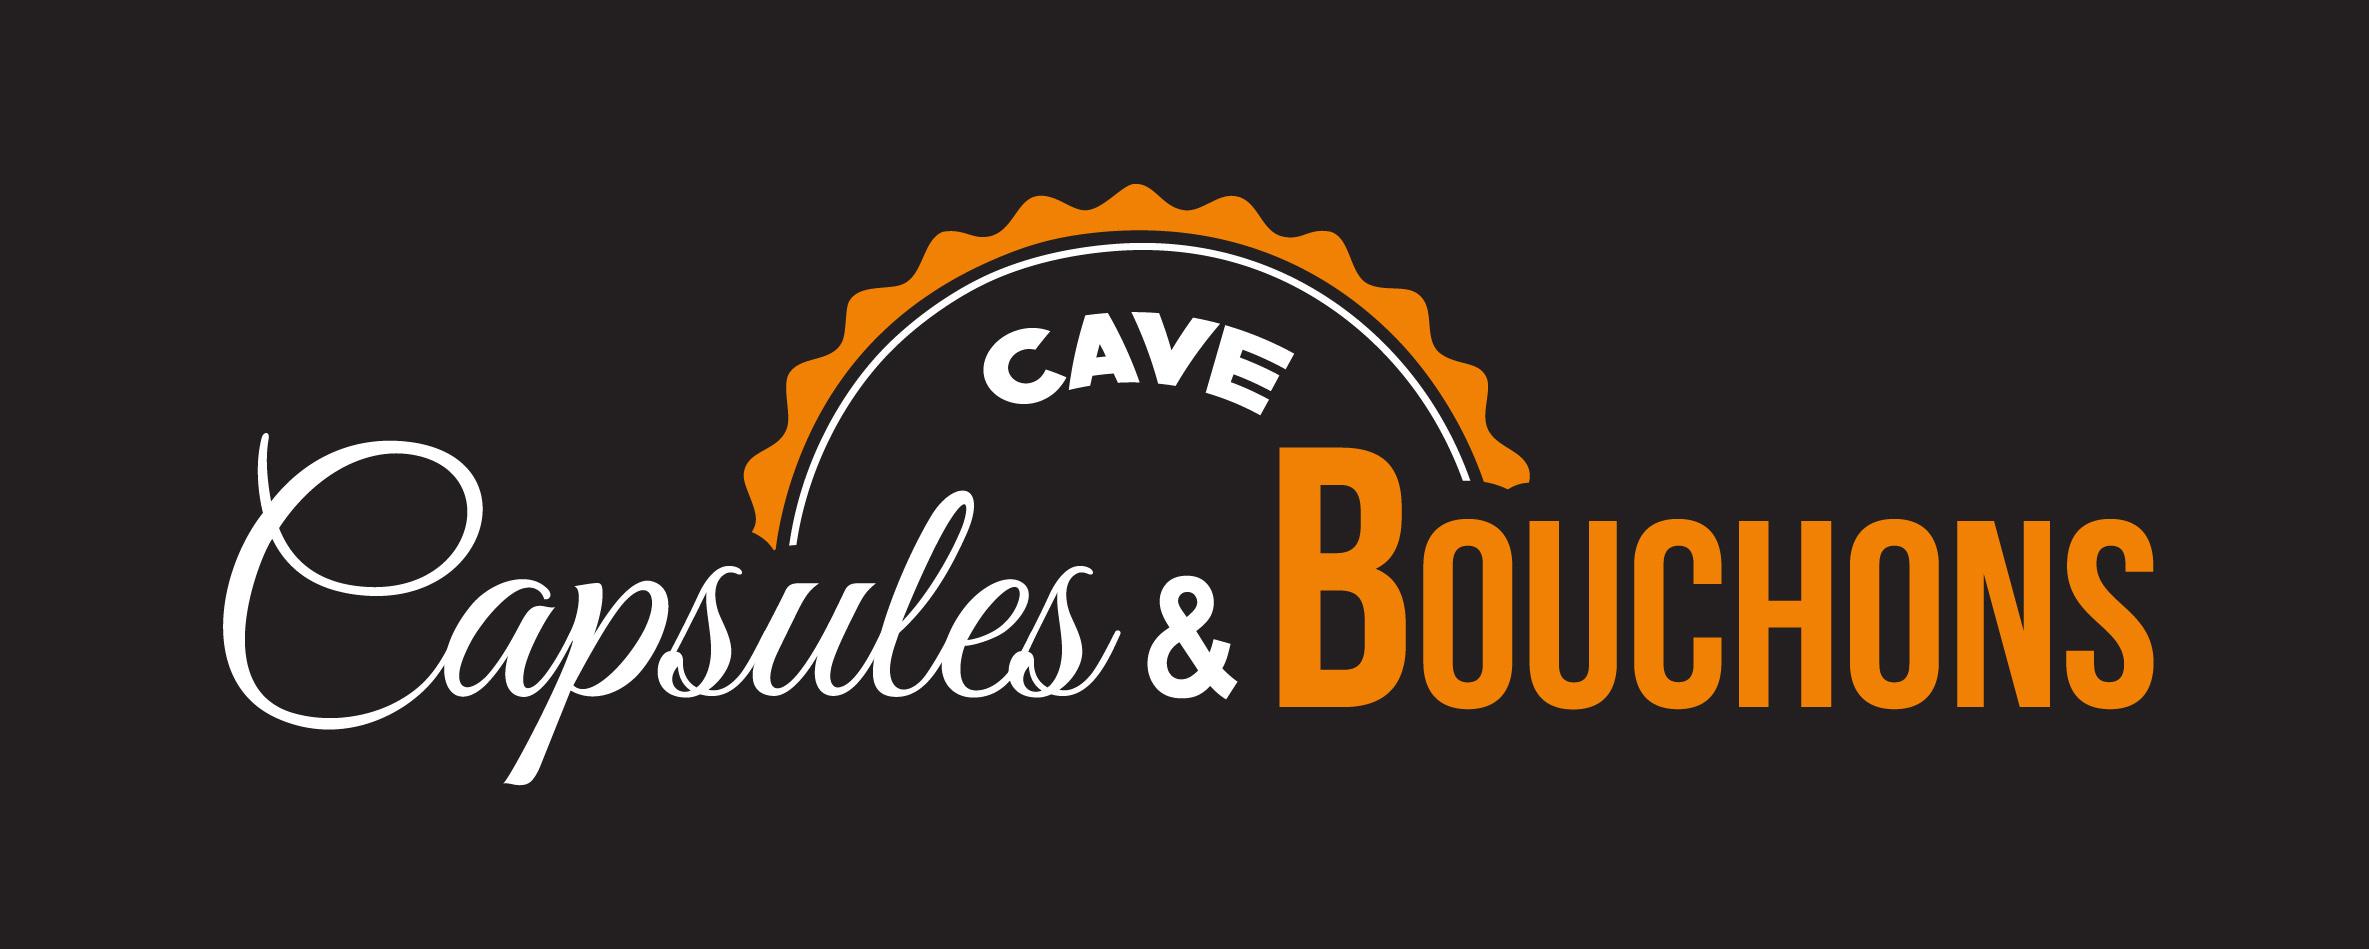 Capsules et Bouchons_LOGO_HORIZ